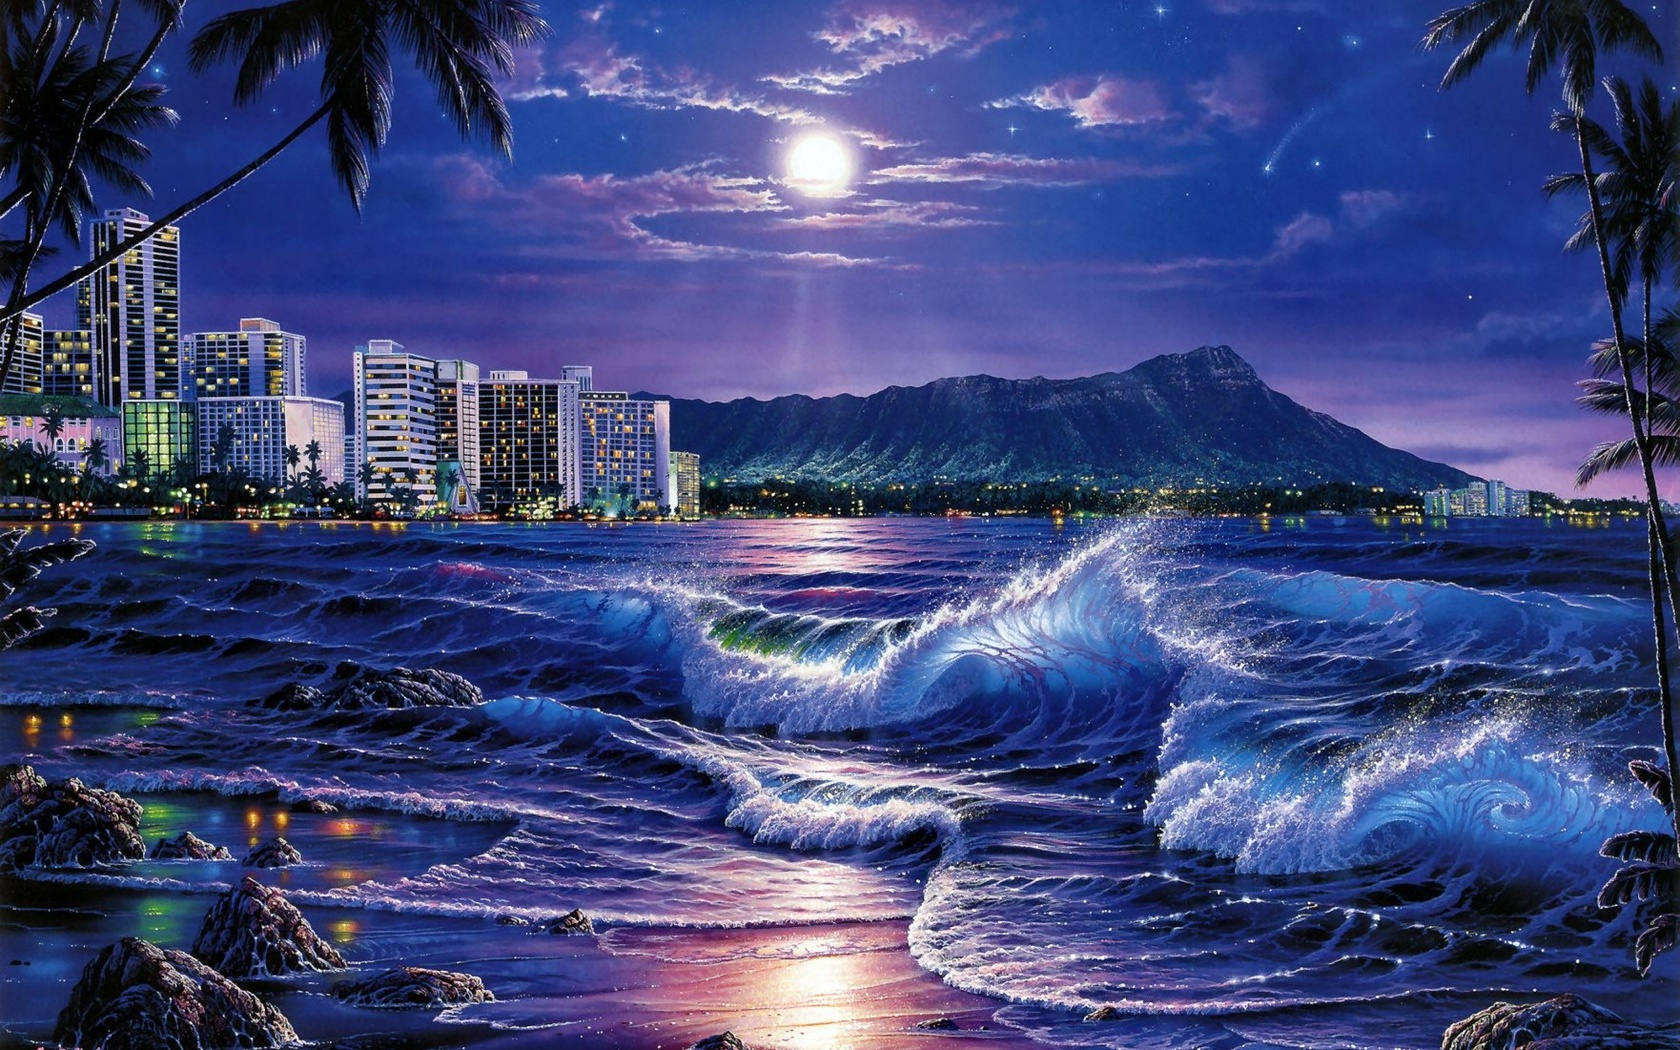 креатив, искусство, картина, природа, пейзаж, ночь, ночной, тропики, тропический, пальма, пальмы, море, морской, океан, океанский, прибой, волна, волны, луна, планета, лунный, берег, побережье, гора, горы, город, курорт